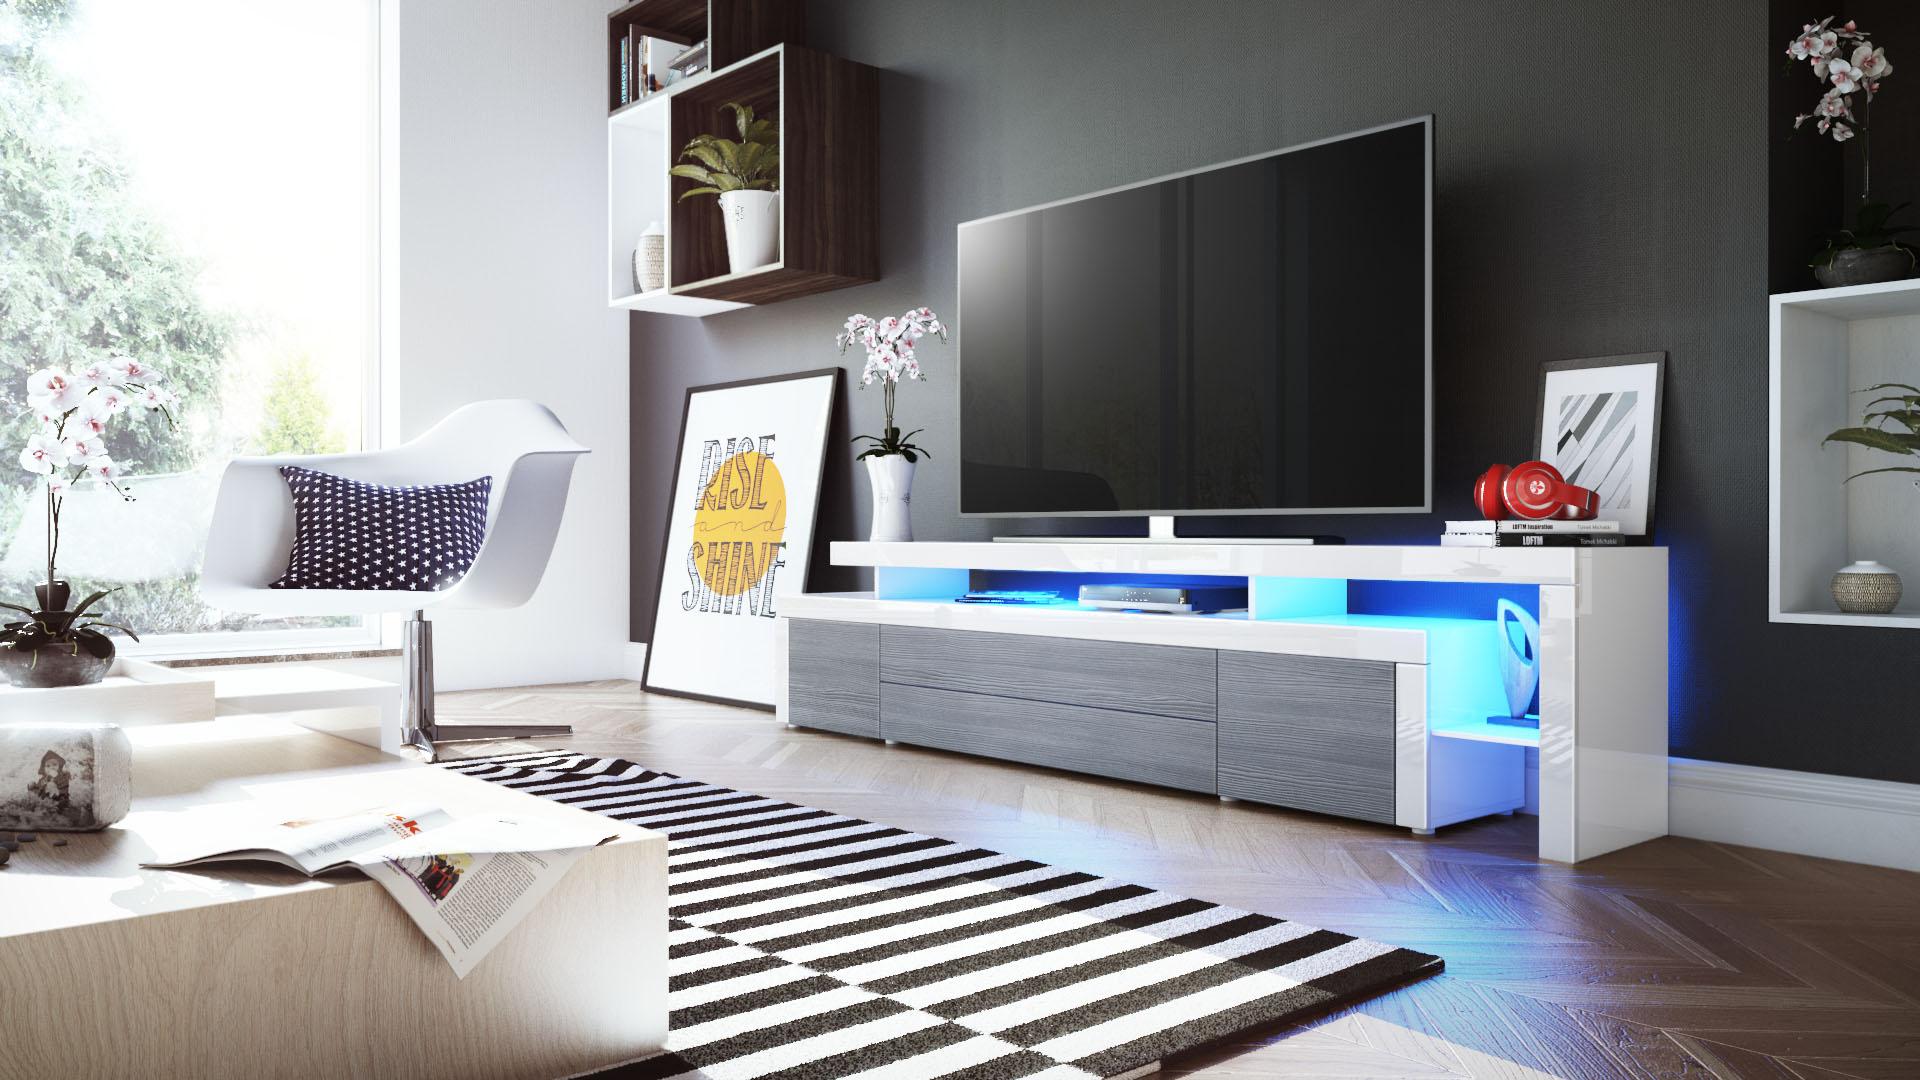 Meuble Tv Armoire Basse Leon V3 En Blanc Fa Ades En Coloris  # Meuble Tv Armoire